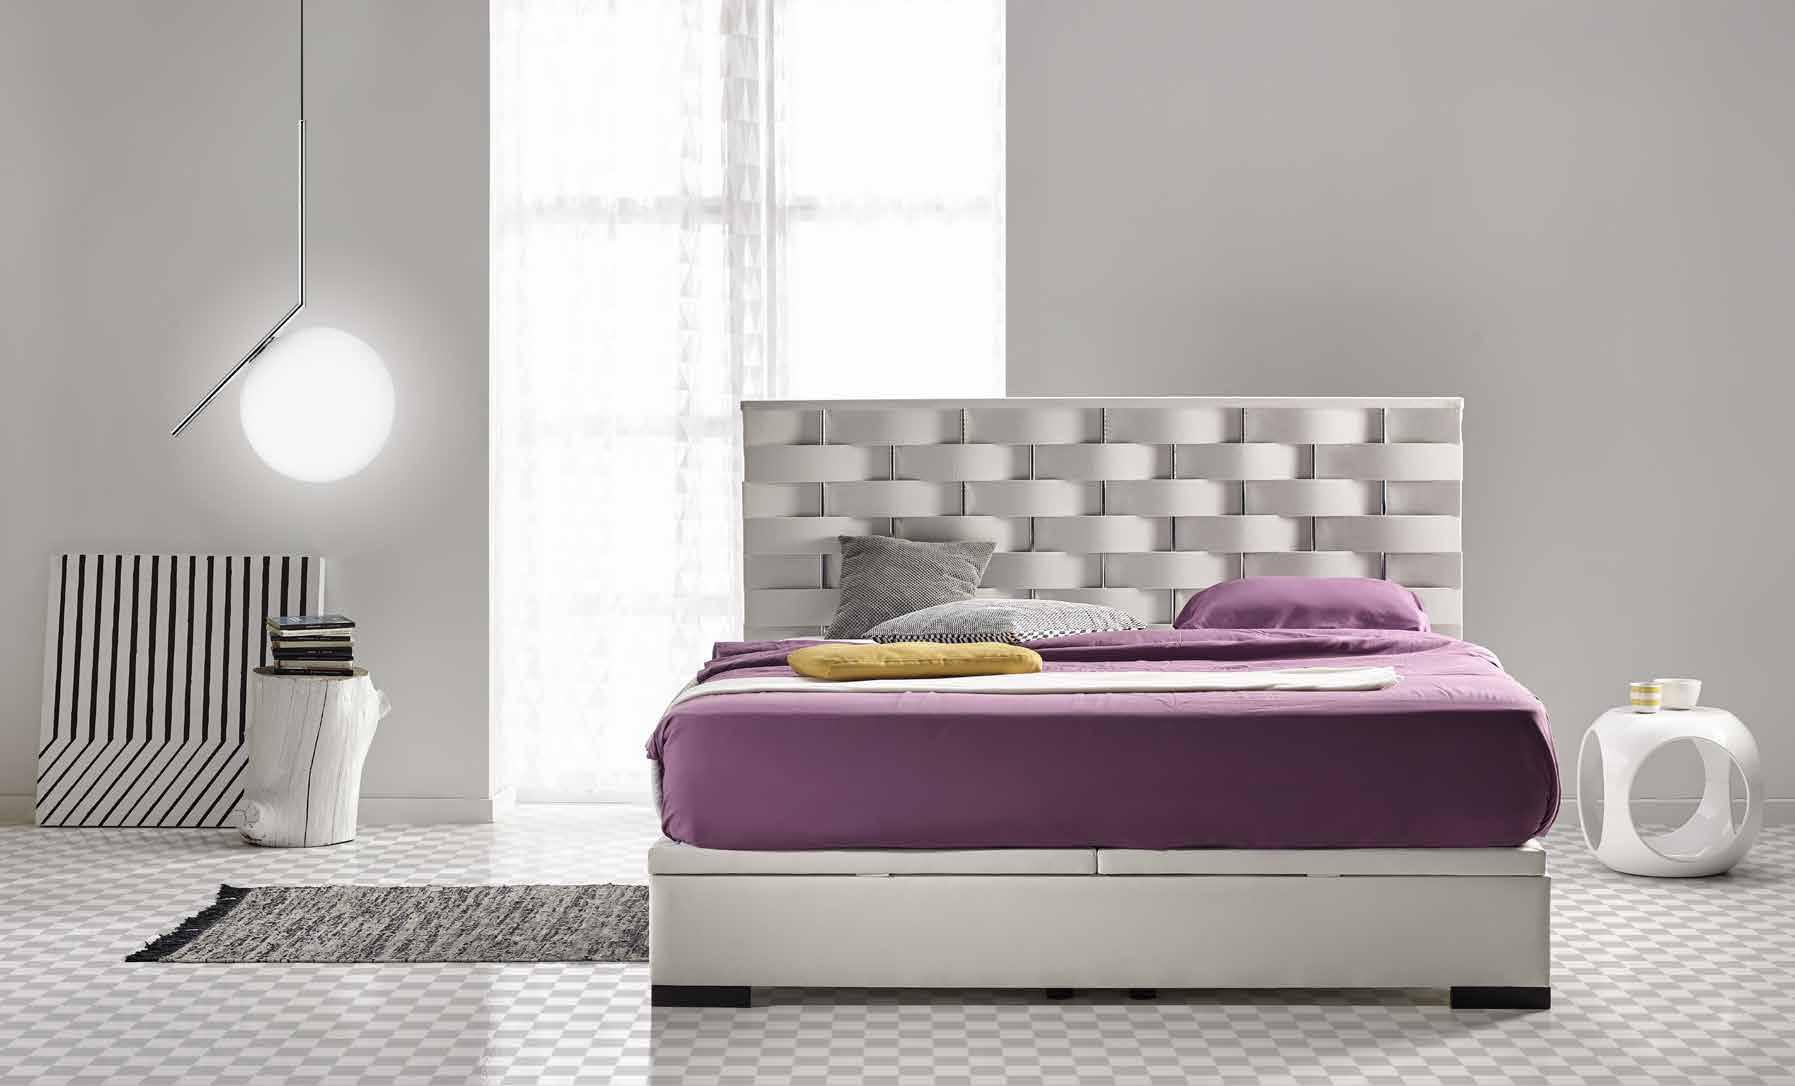 cabeceros-tapizados-muebles-paco-caballero-1837-5c8fd84773b7e